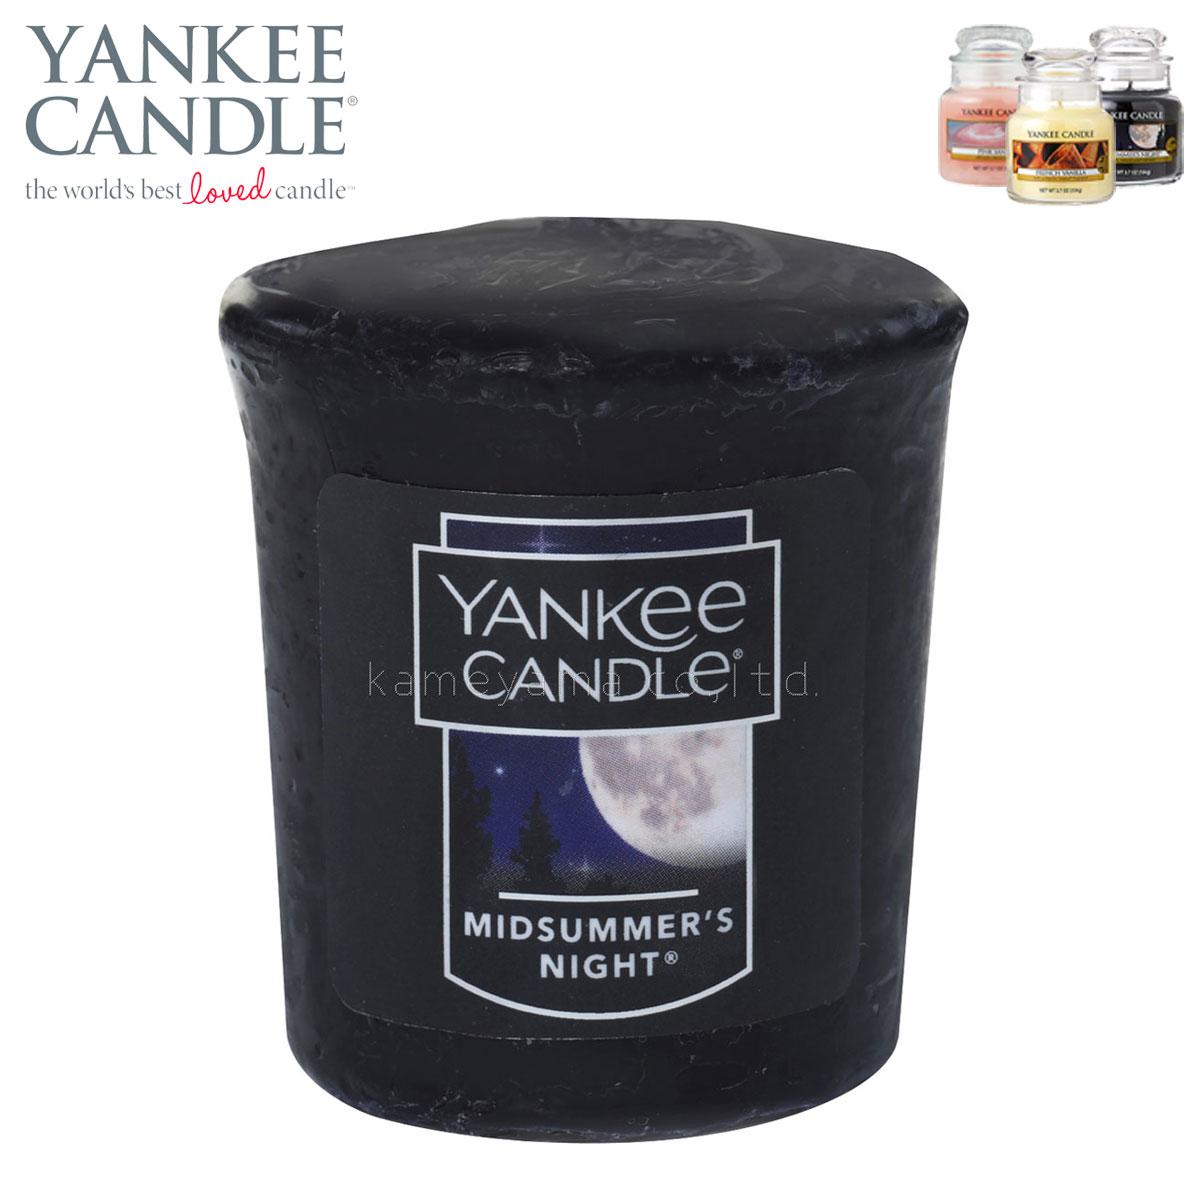 ヤンキーキャンドル YANKEE CANDLE 正規販売店 YCサンプラー ミッドサマーN YK0010511 4901435938110 A49B B3C C9D D2E E00F